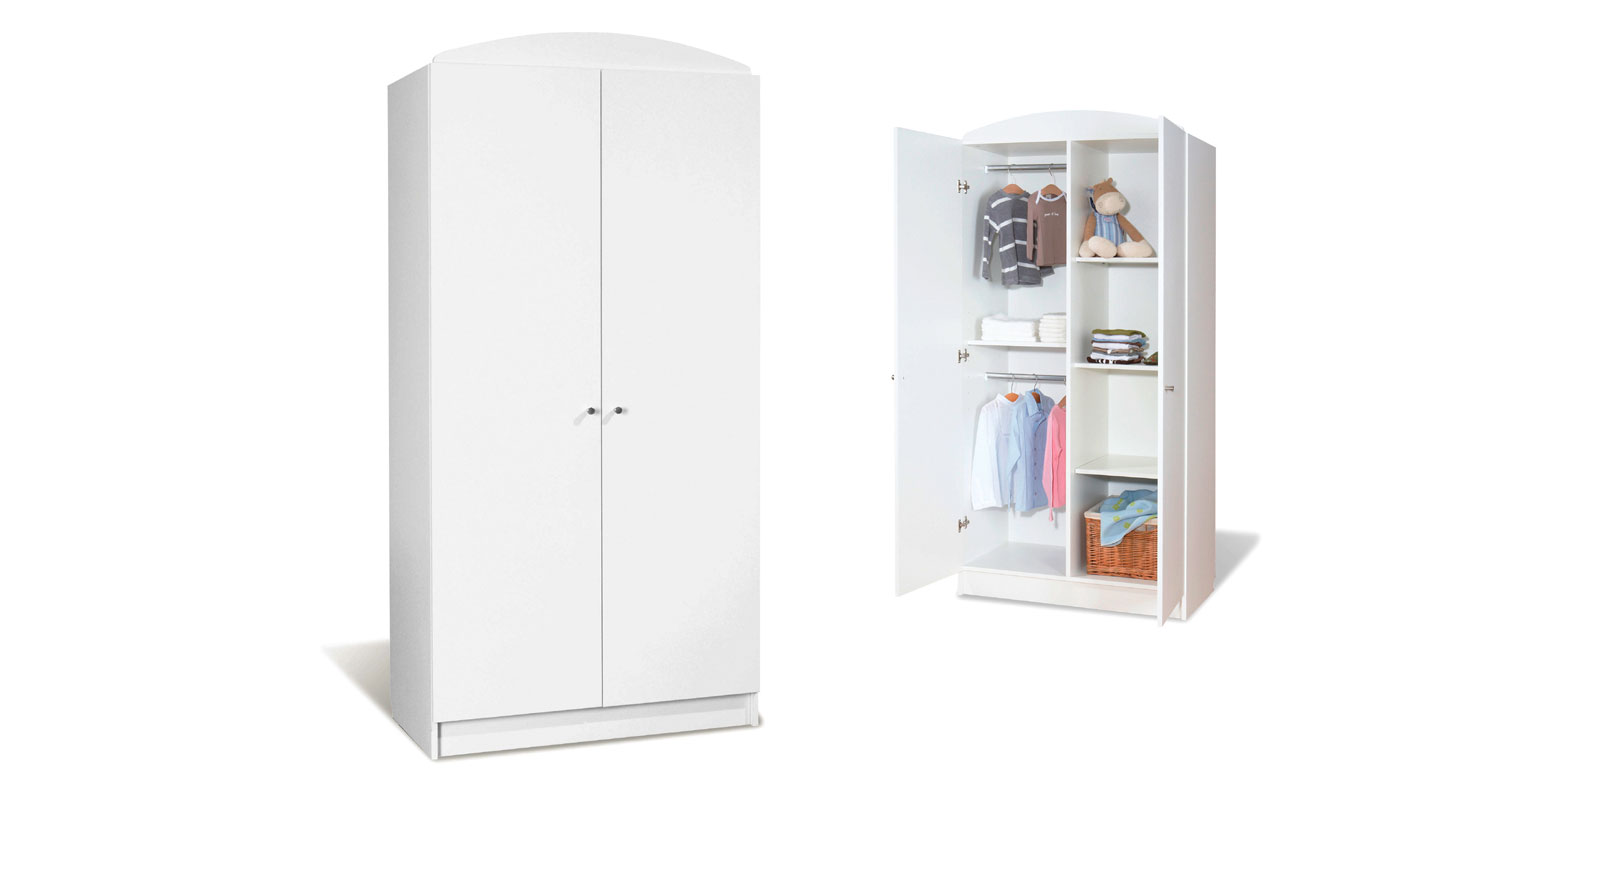 Ikea Trofast Extendable Toddler Bed ~ Kleiderschrank Weiß Drei Türen Spiegeltür Individuelle Schrank